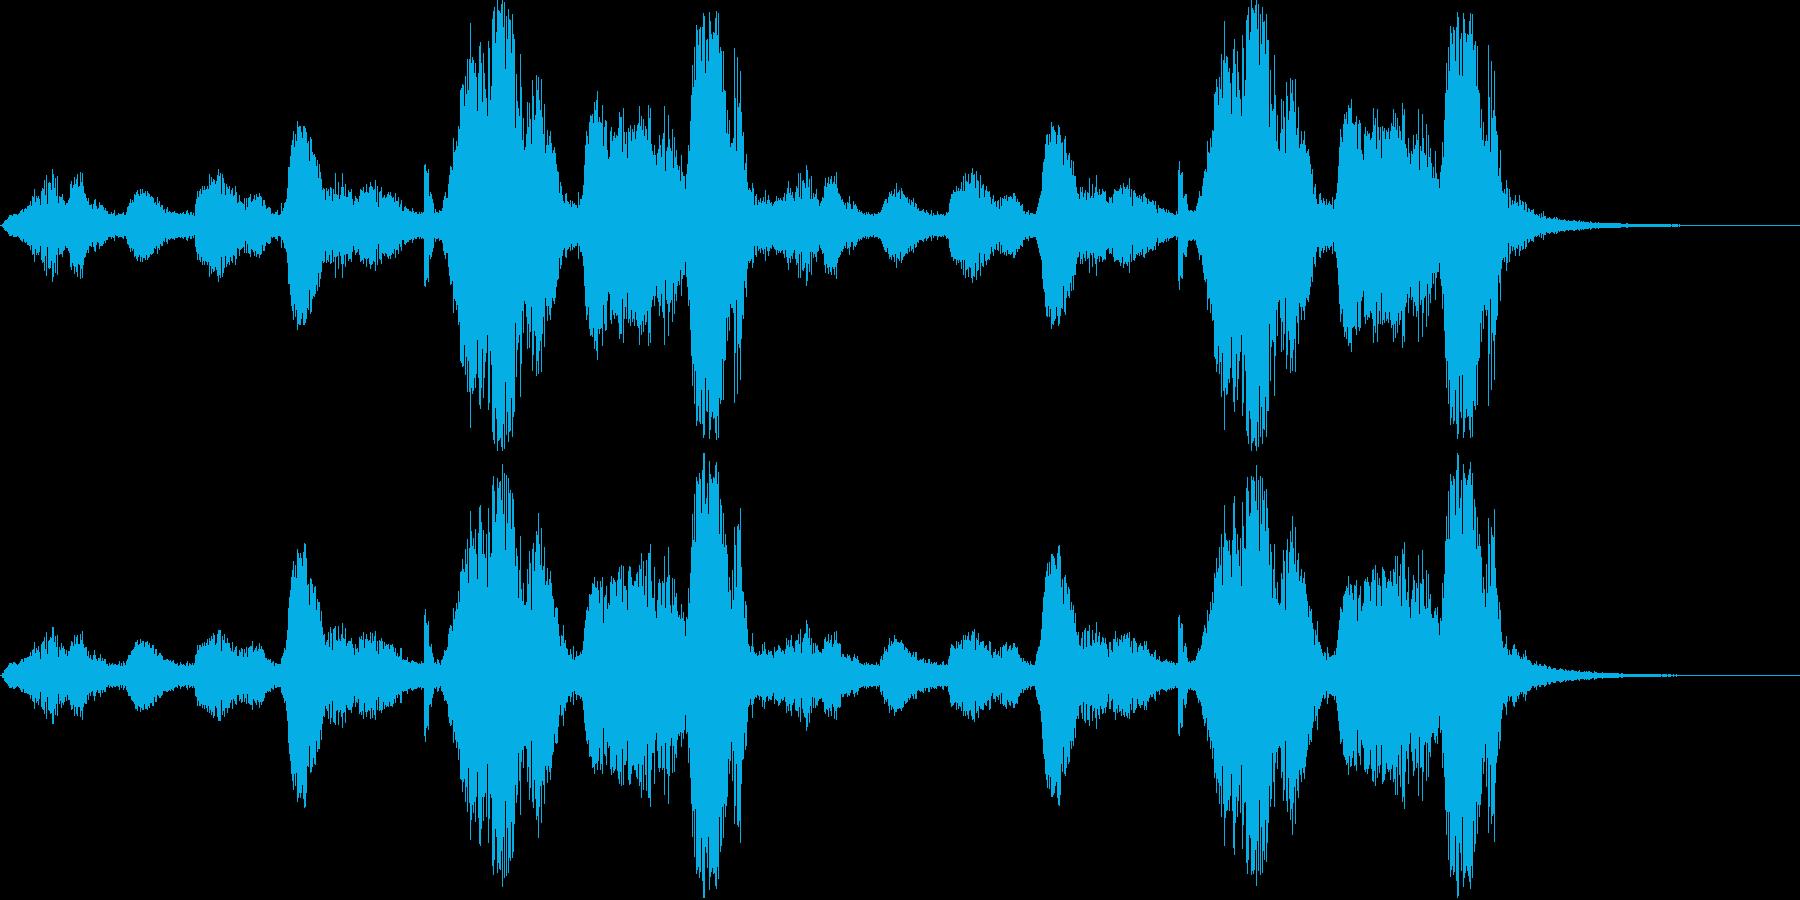 自然の音シリーズ 雷と雨の再生済みの波形